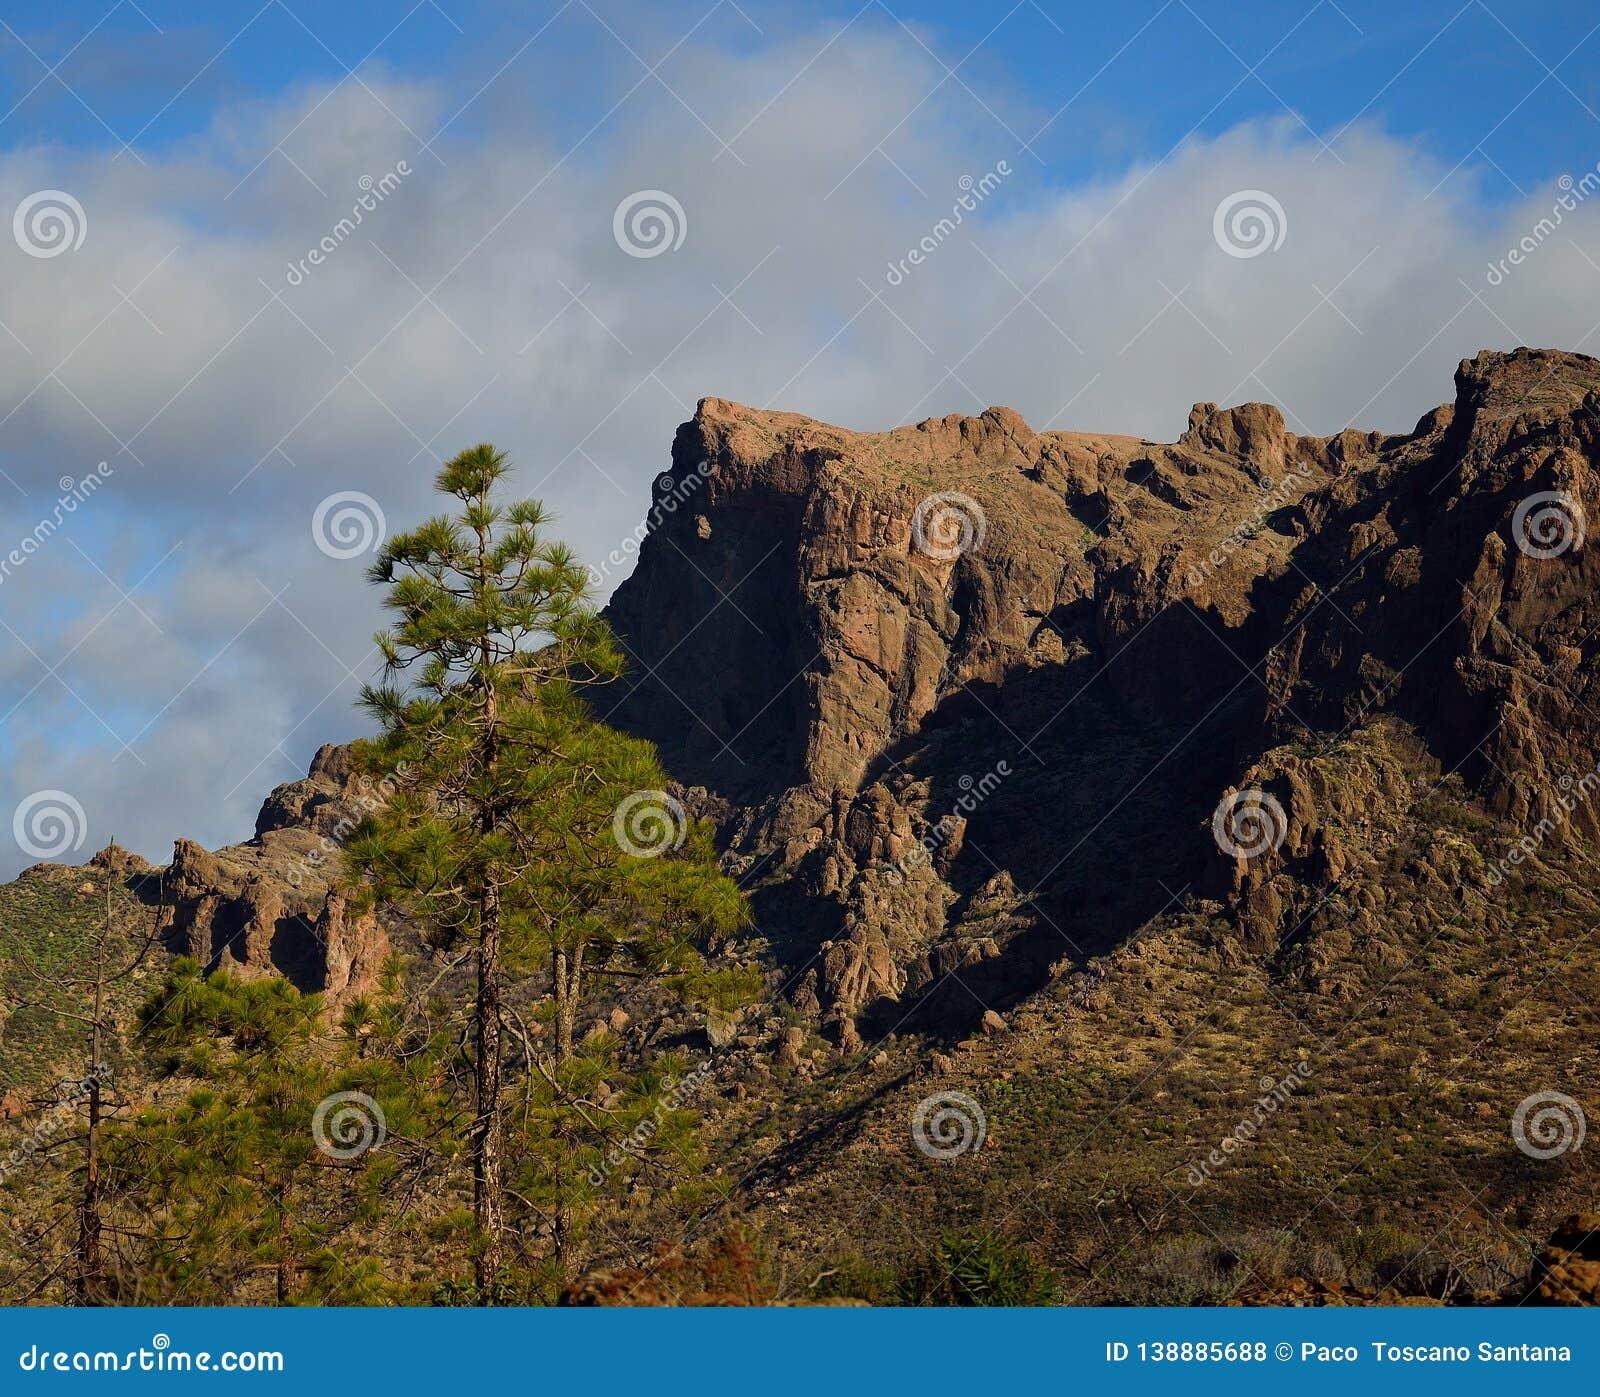 Pinos y acantilados, La Plata, Gran Canaria